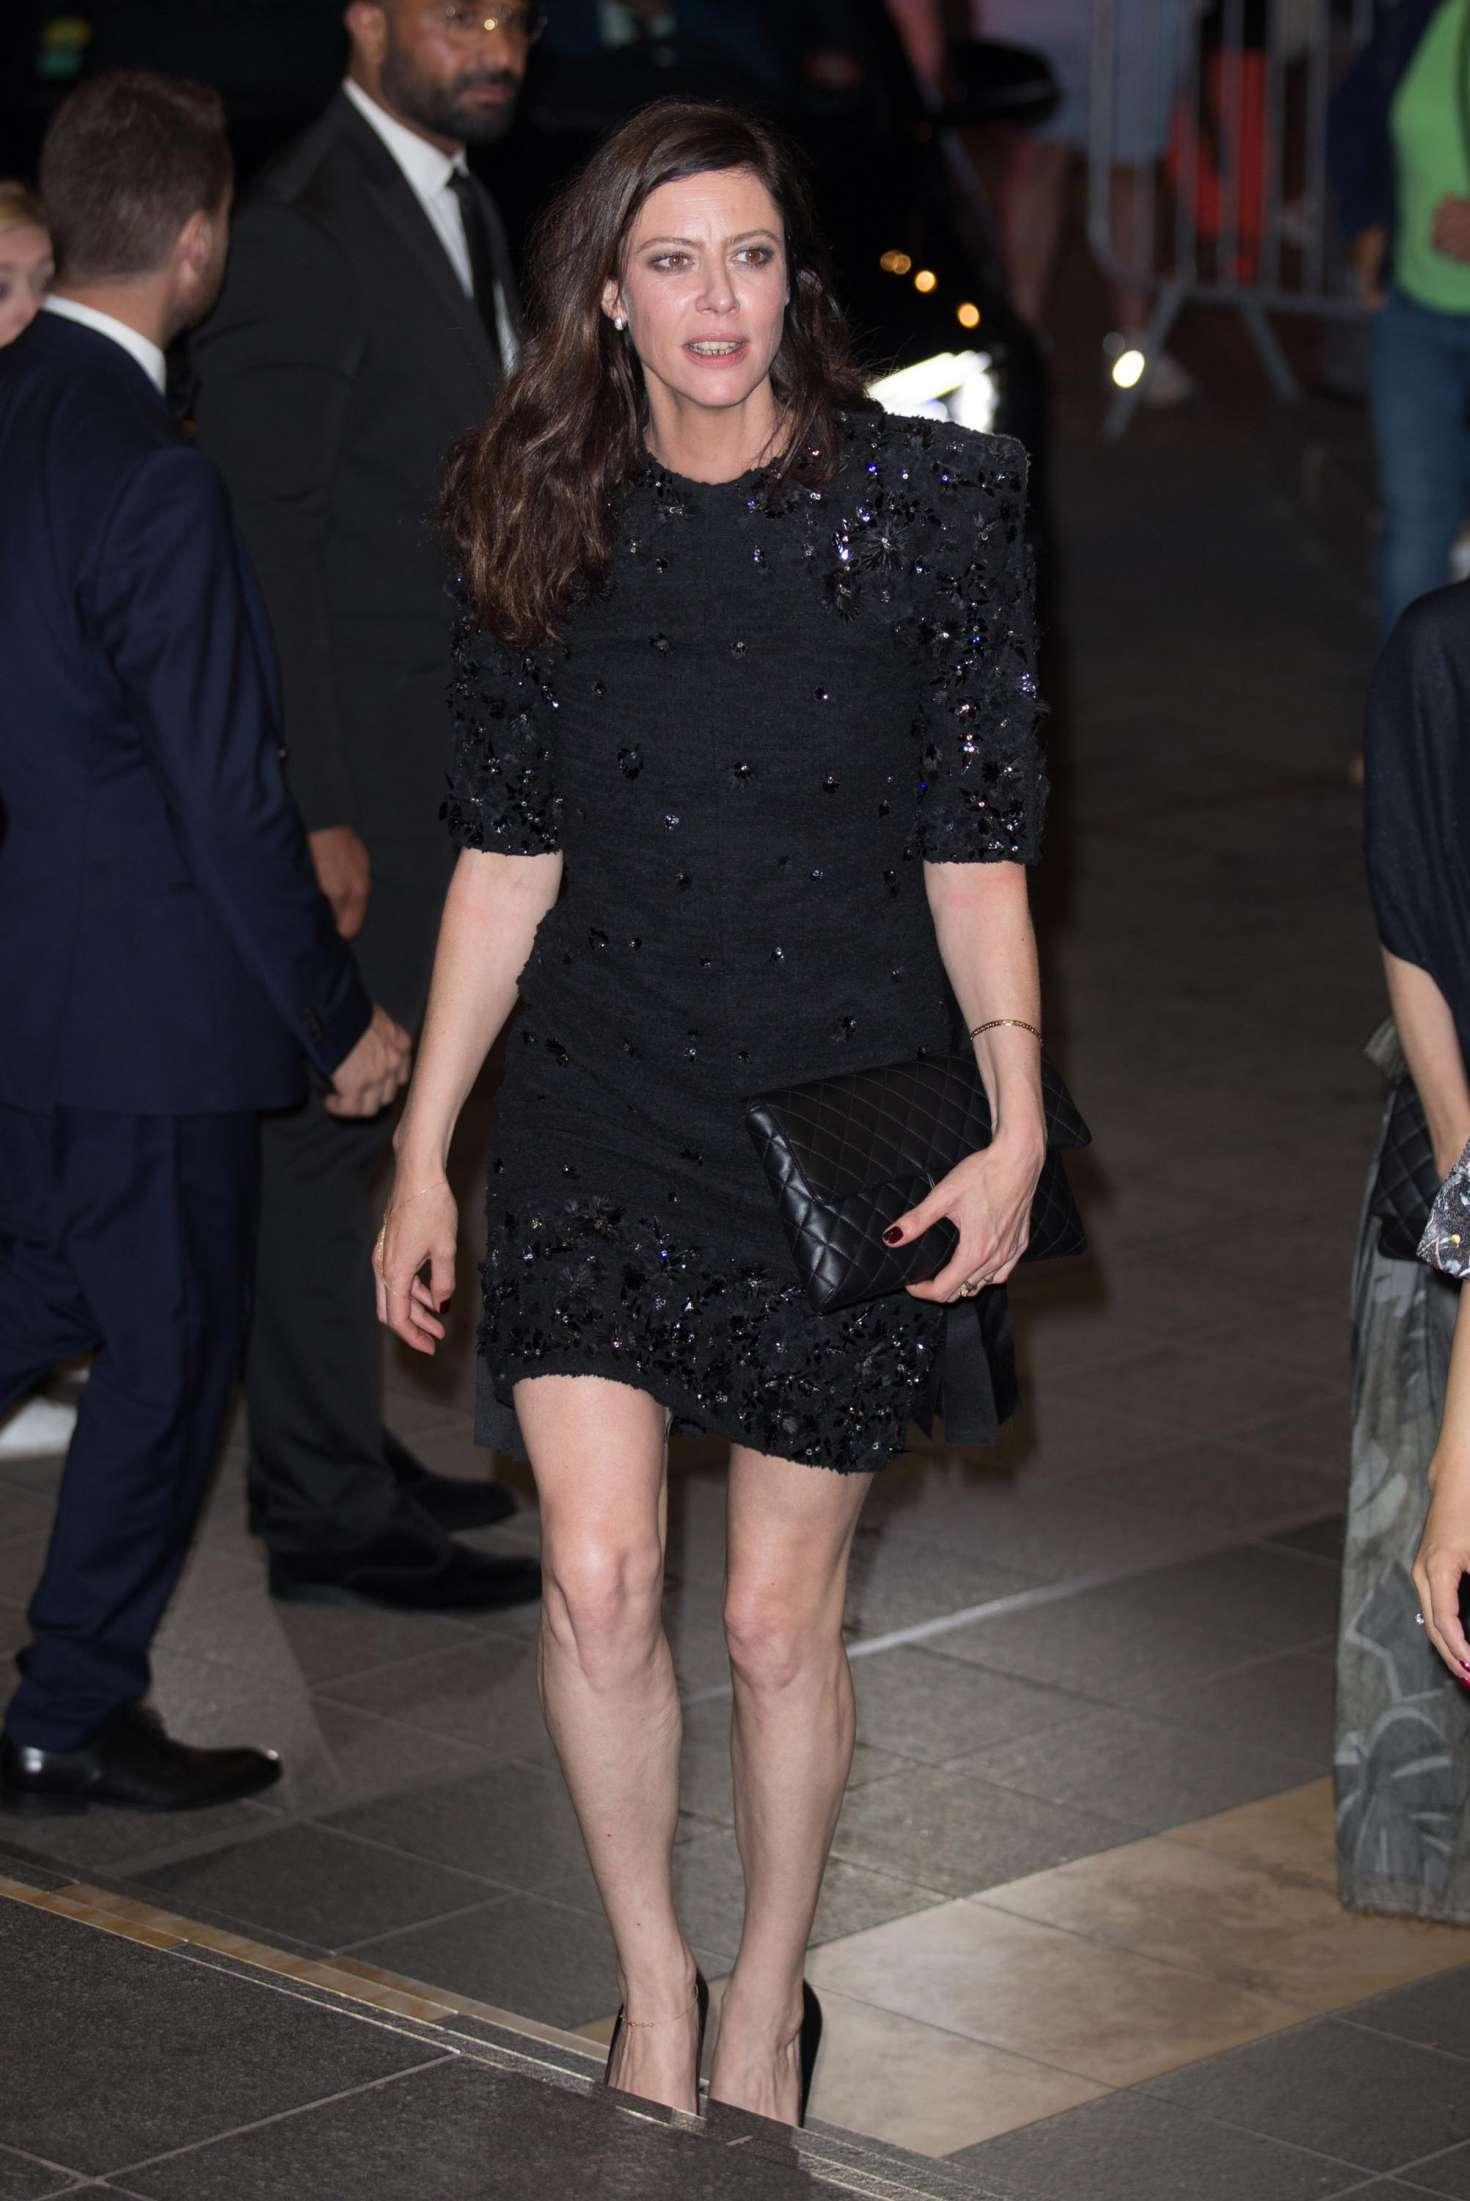 Anna Mouglalis 2018 : Anna Mouglalis: Arrives at the Vanity Fair Party -06